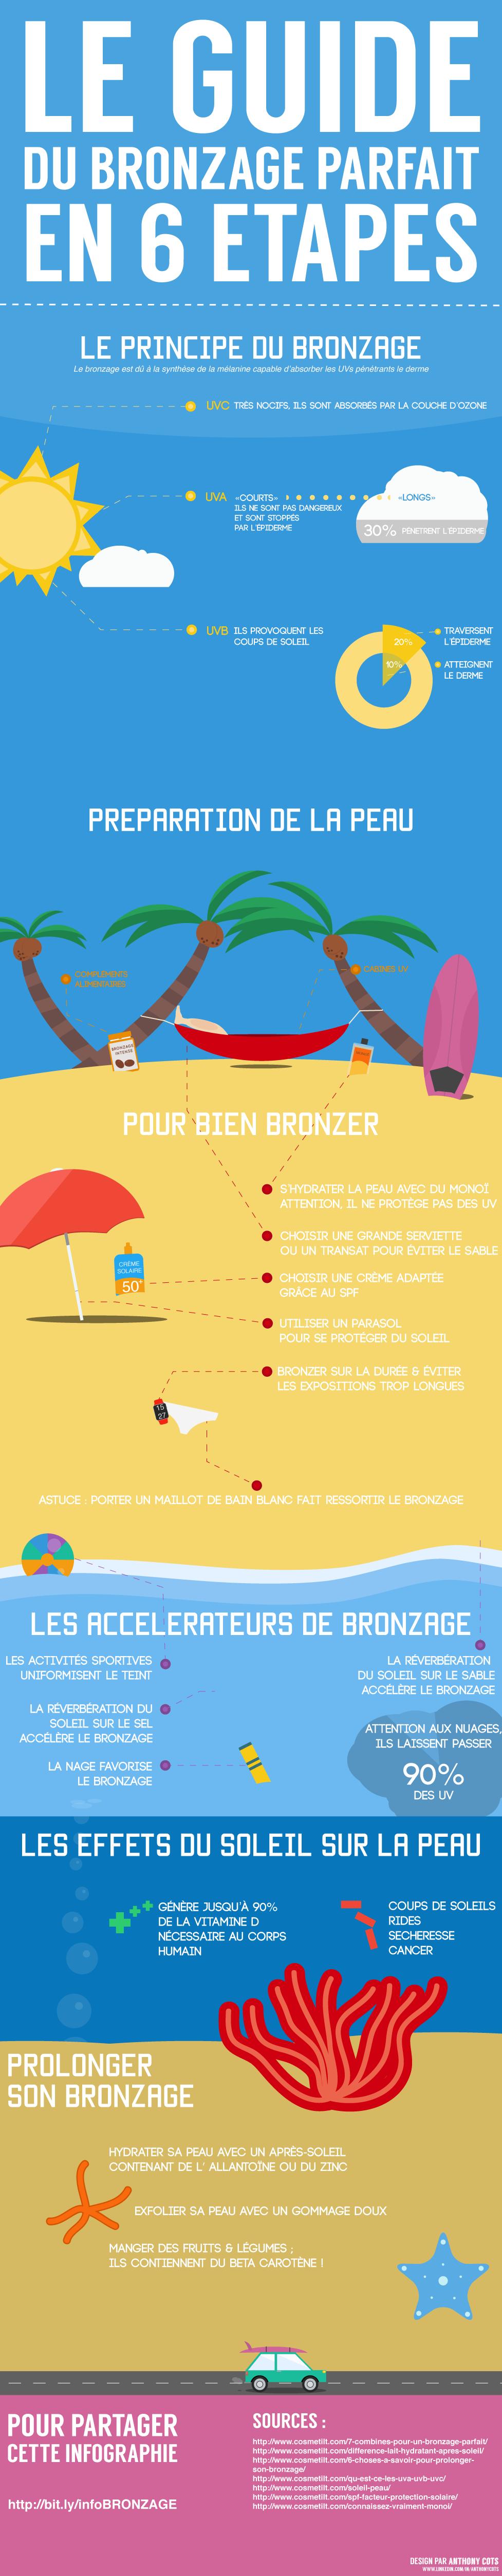 Infographie : 6 étapes pour un bronzage parfait